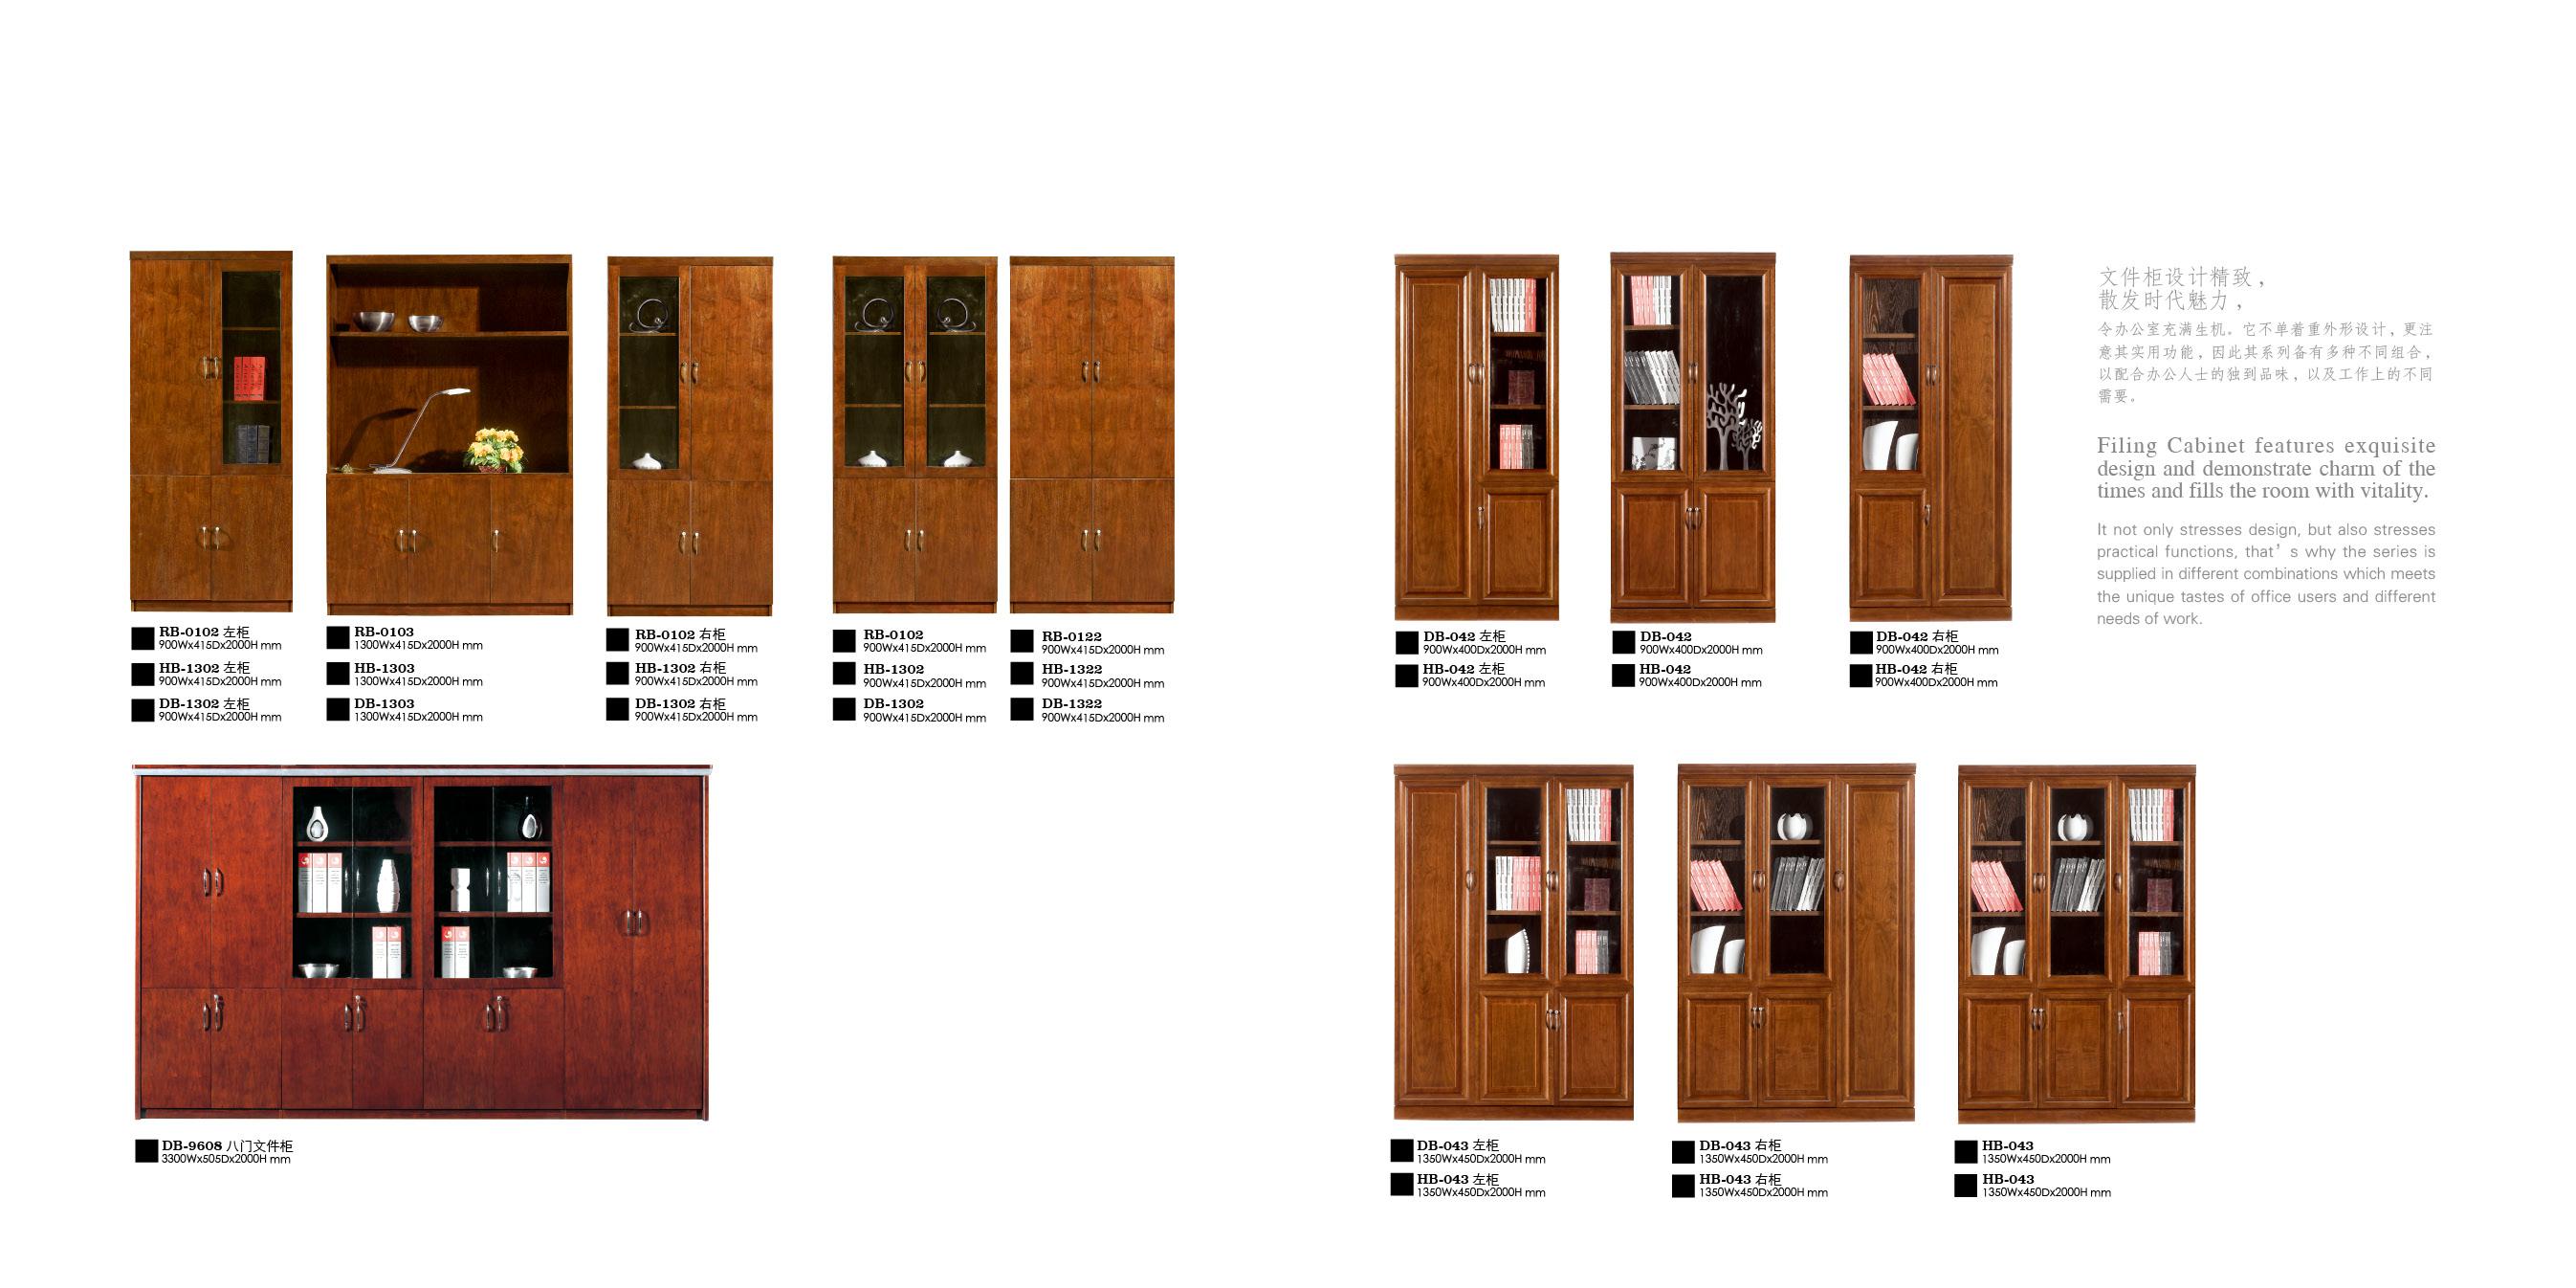 书柜RB-0102左柜,0103,0102右柜 HB-1302左柜,1303,0302右柜  DB-1302左柜,1303,1302右柜  RB-0102,0122  HB-1302,1322  DB-1302,1322  DB-042左柜,042,042右柜  HB-042左柜,042,042右柜  DB-043左柜,043,043右柜  HB-043左柜,043,043右柜  DB-9608